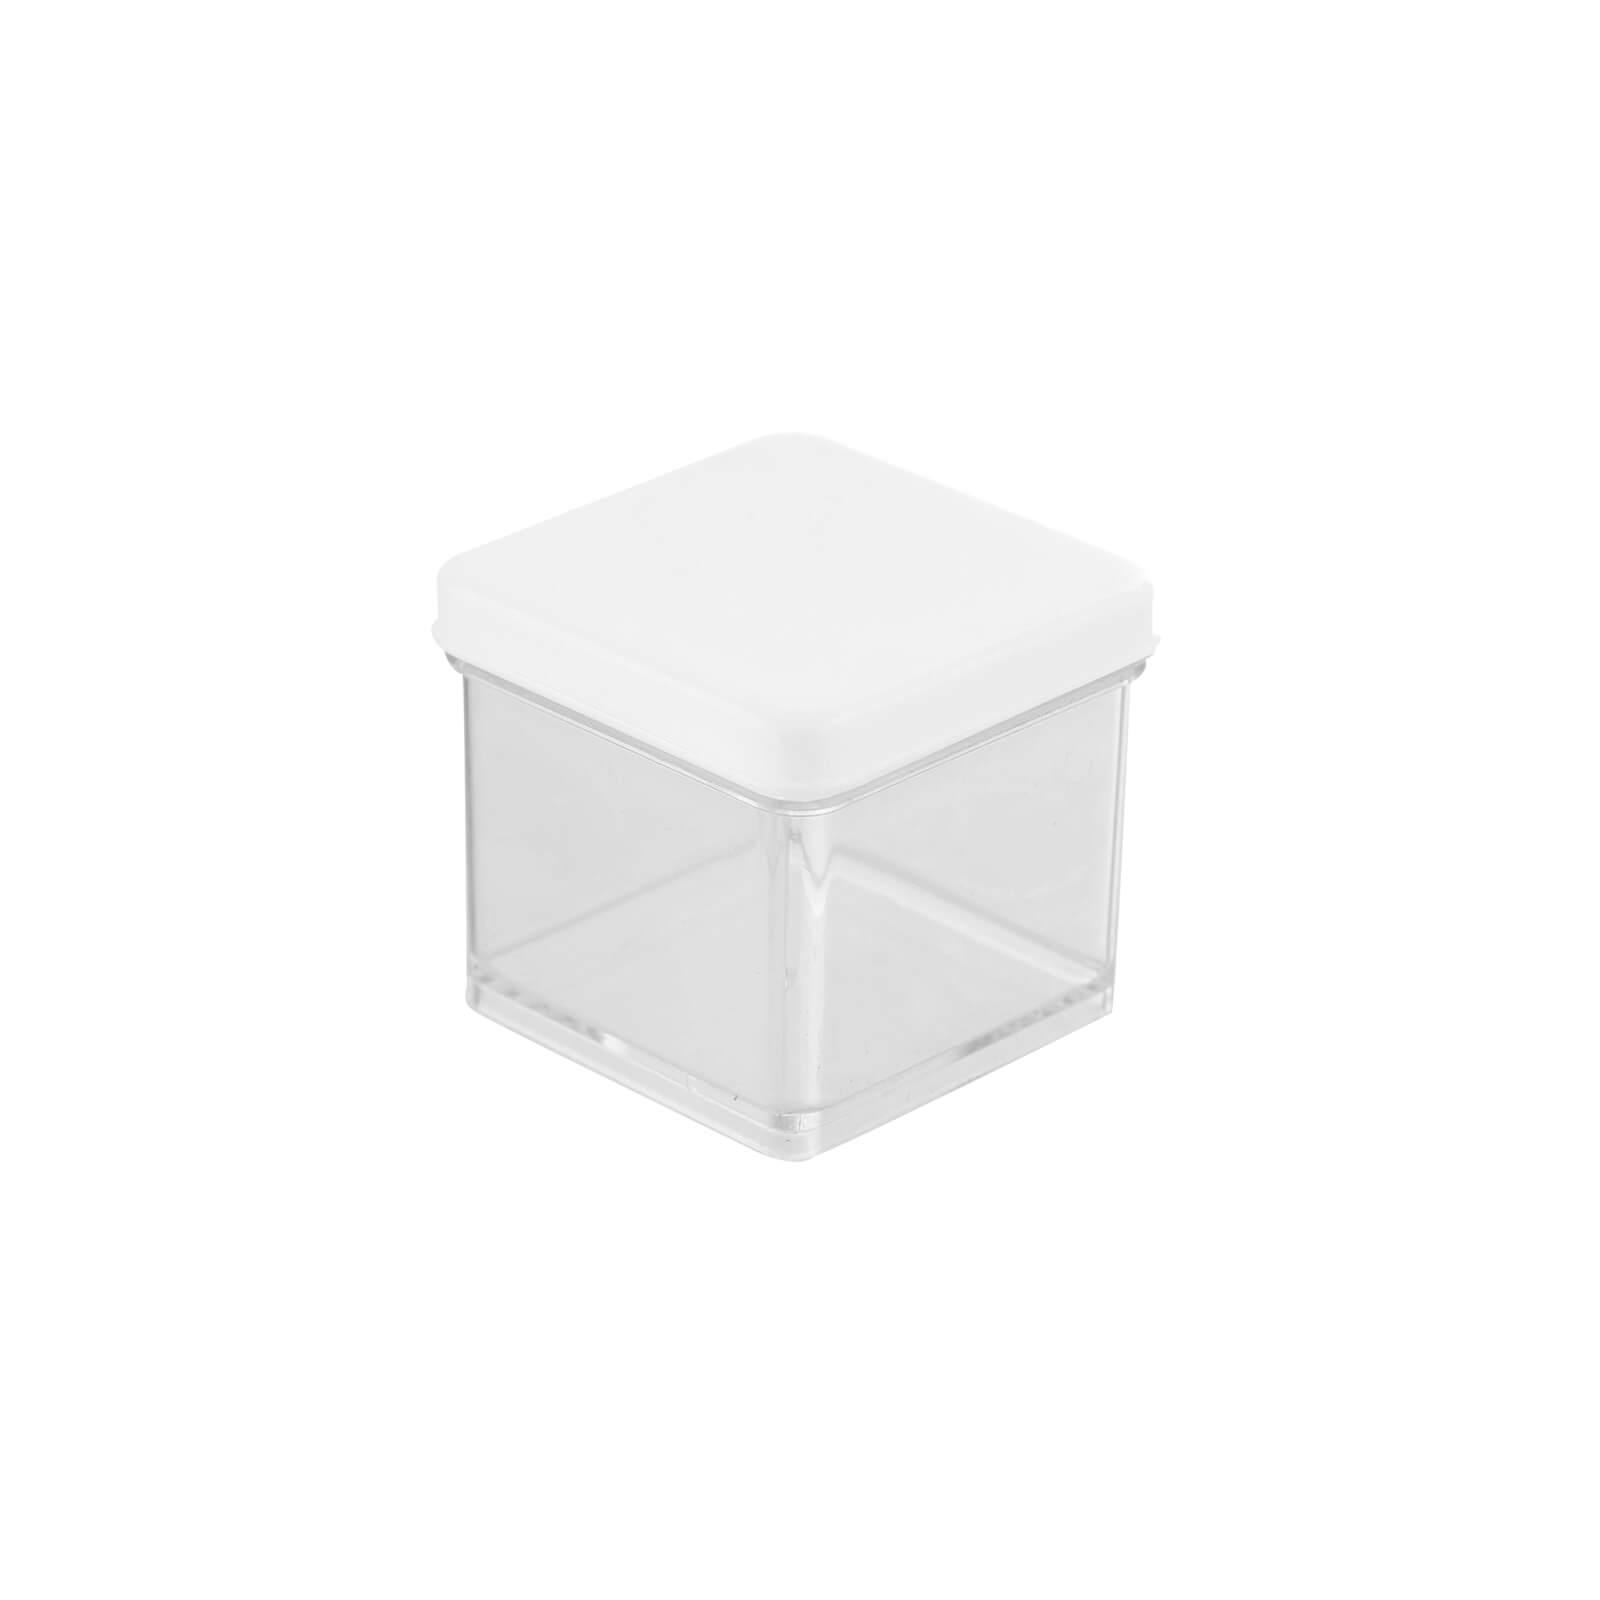 Caixa Acrílica Transparente com Tampa Branca 4x4cm - Mirandinha